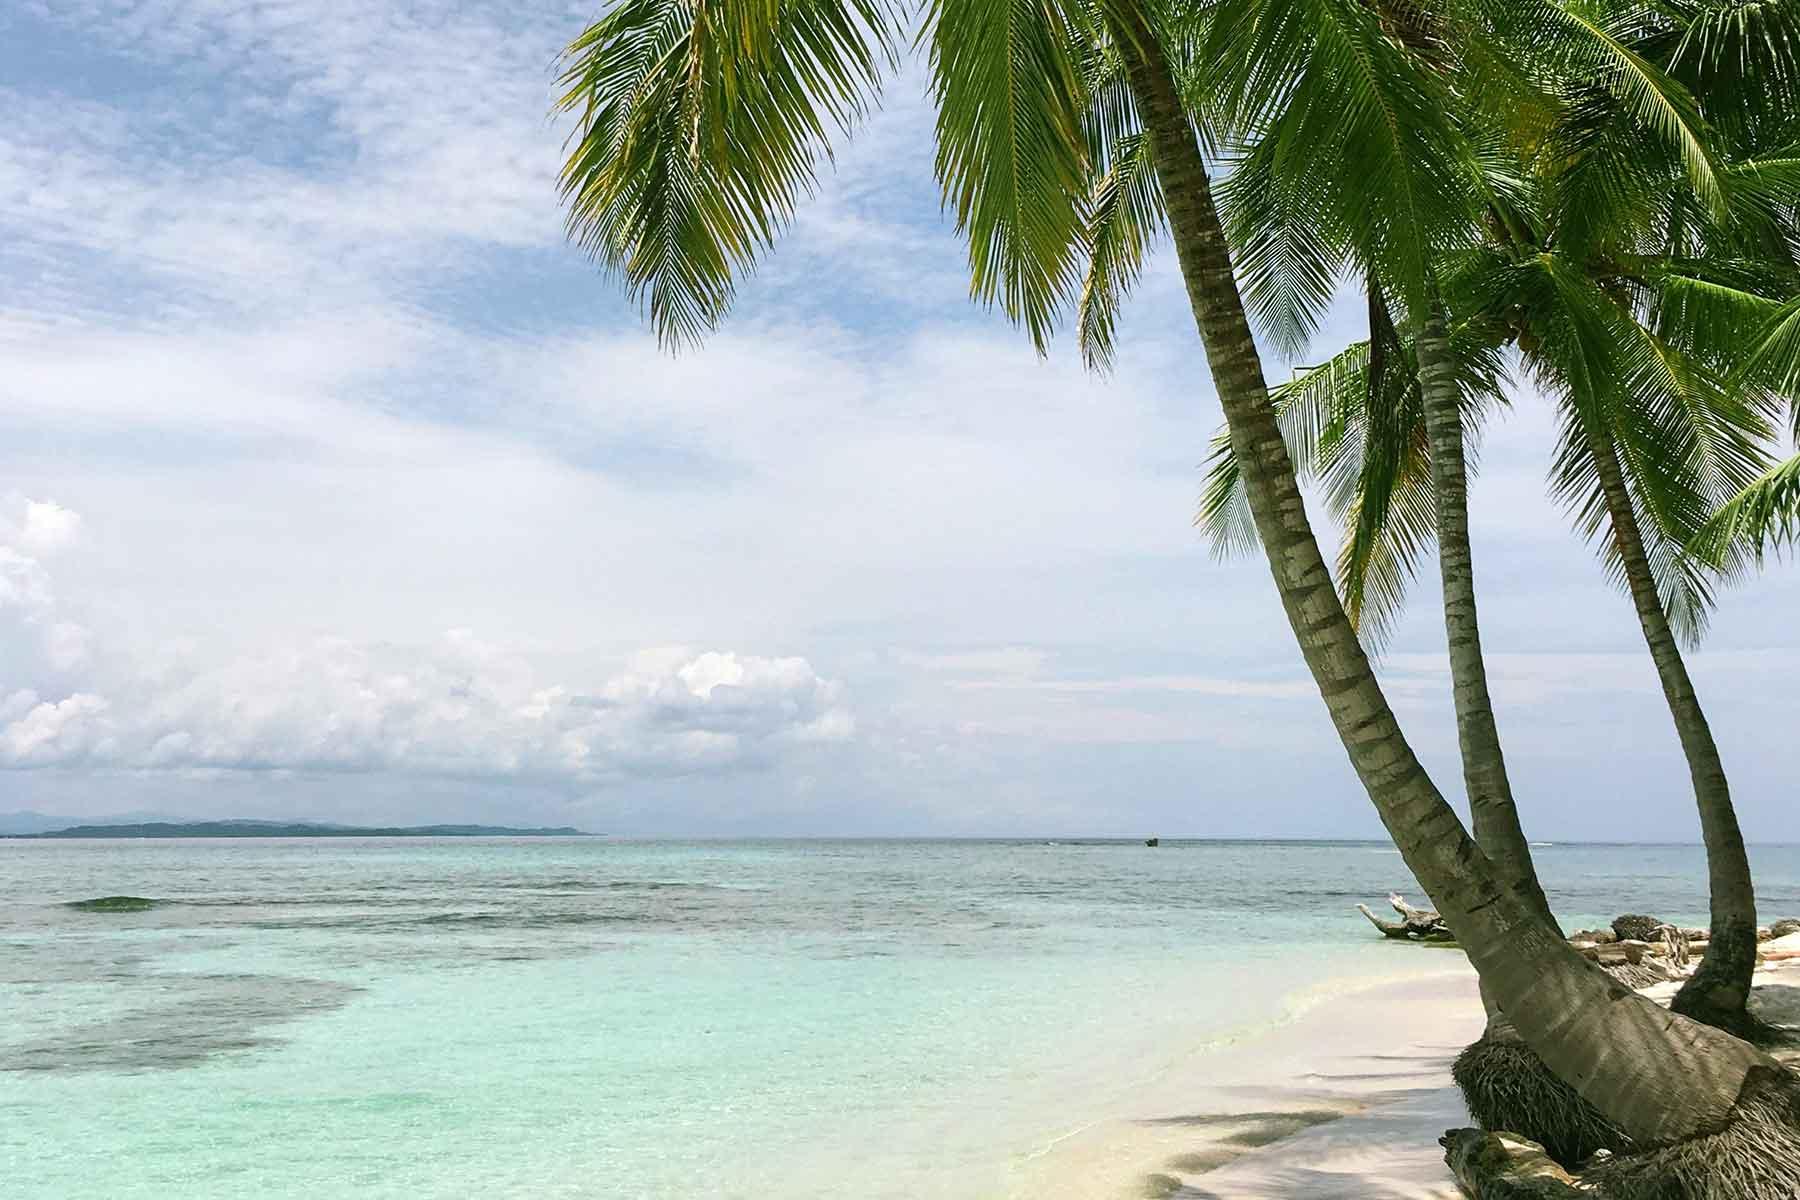 Resor-till-Panama-med-Nygren-&-LInd-Resebyrå---strand-och-palmer